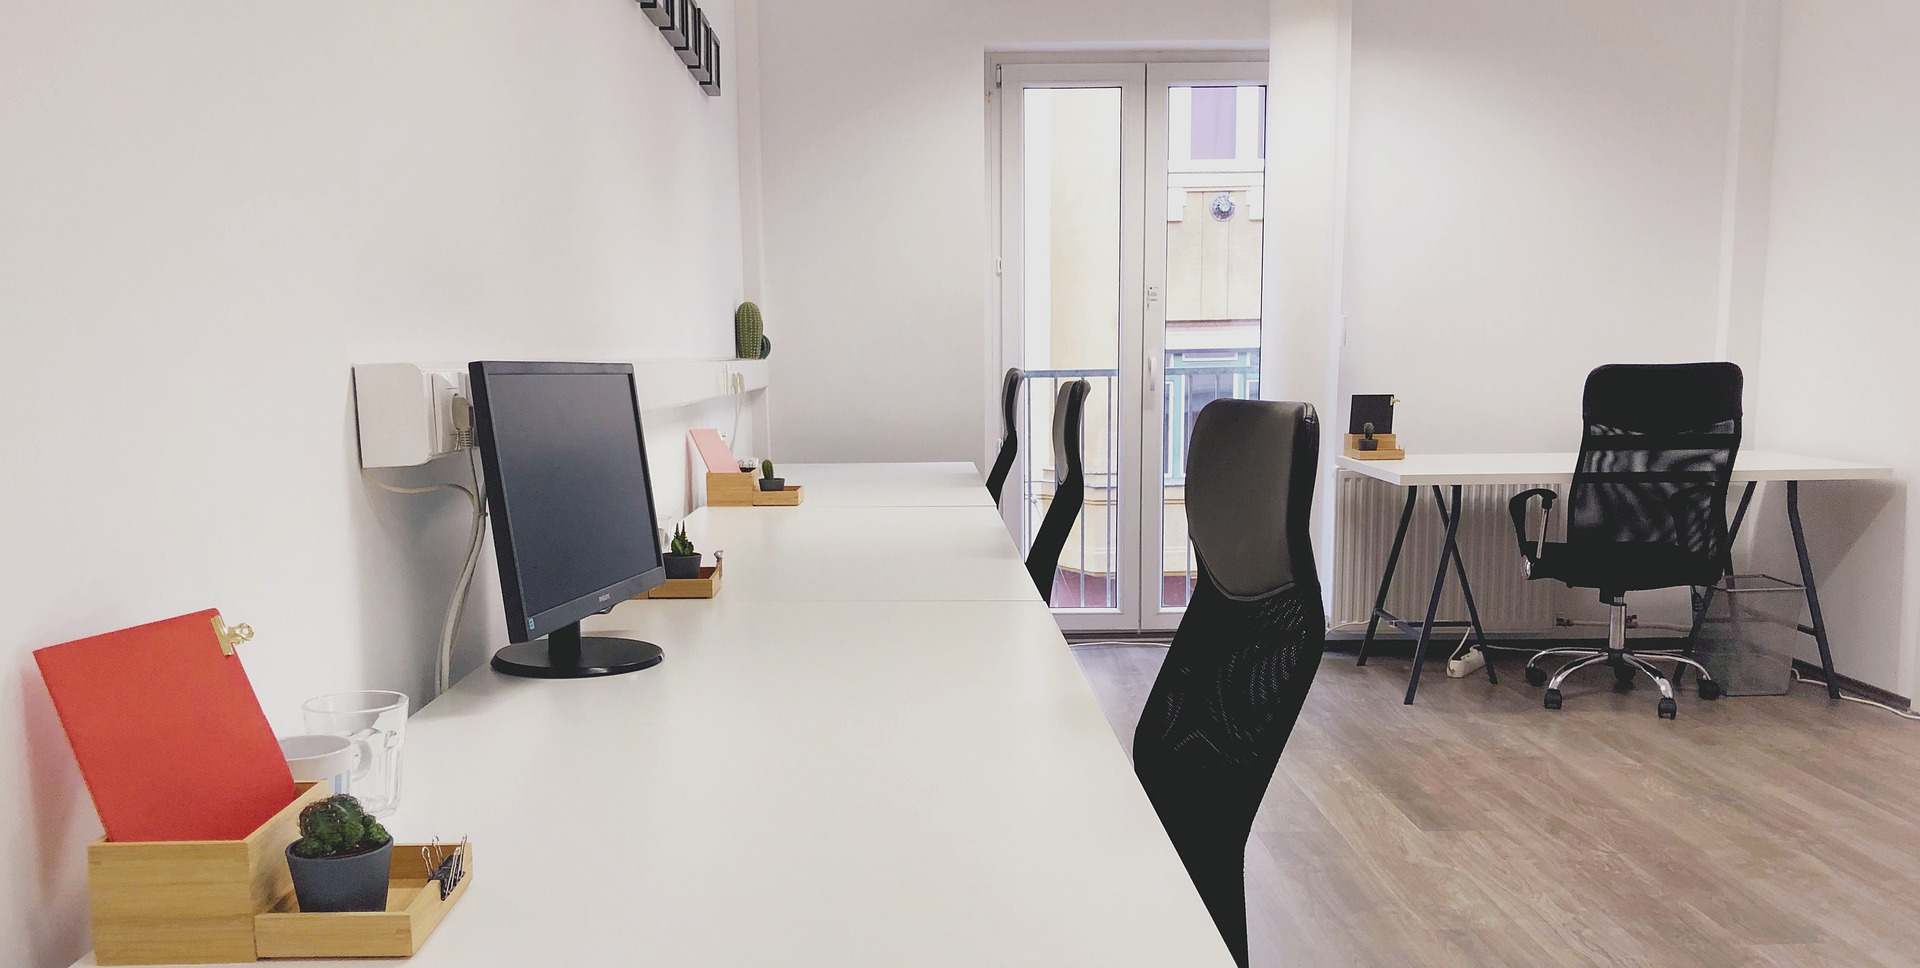 Comment choisir son espace en coworking ?